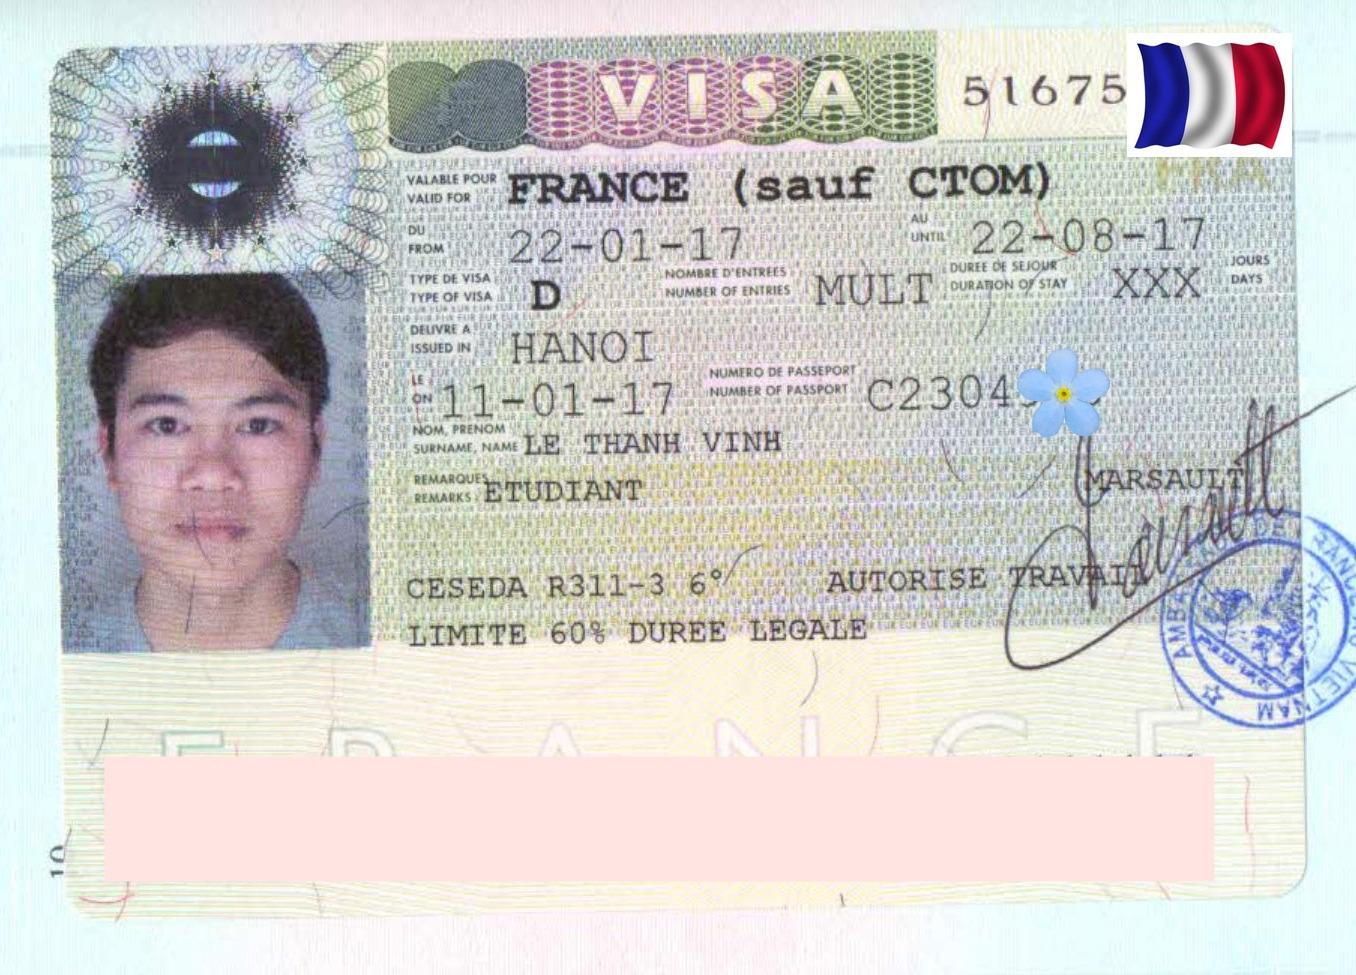 Chúc mừng bạn Lê Thanh Vĩnh nhận được visa Du học Pháp